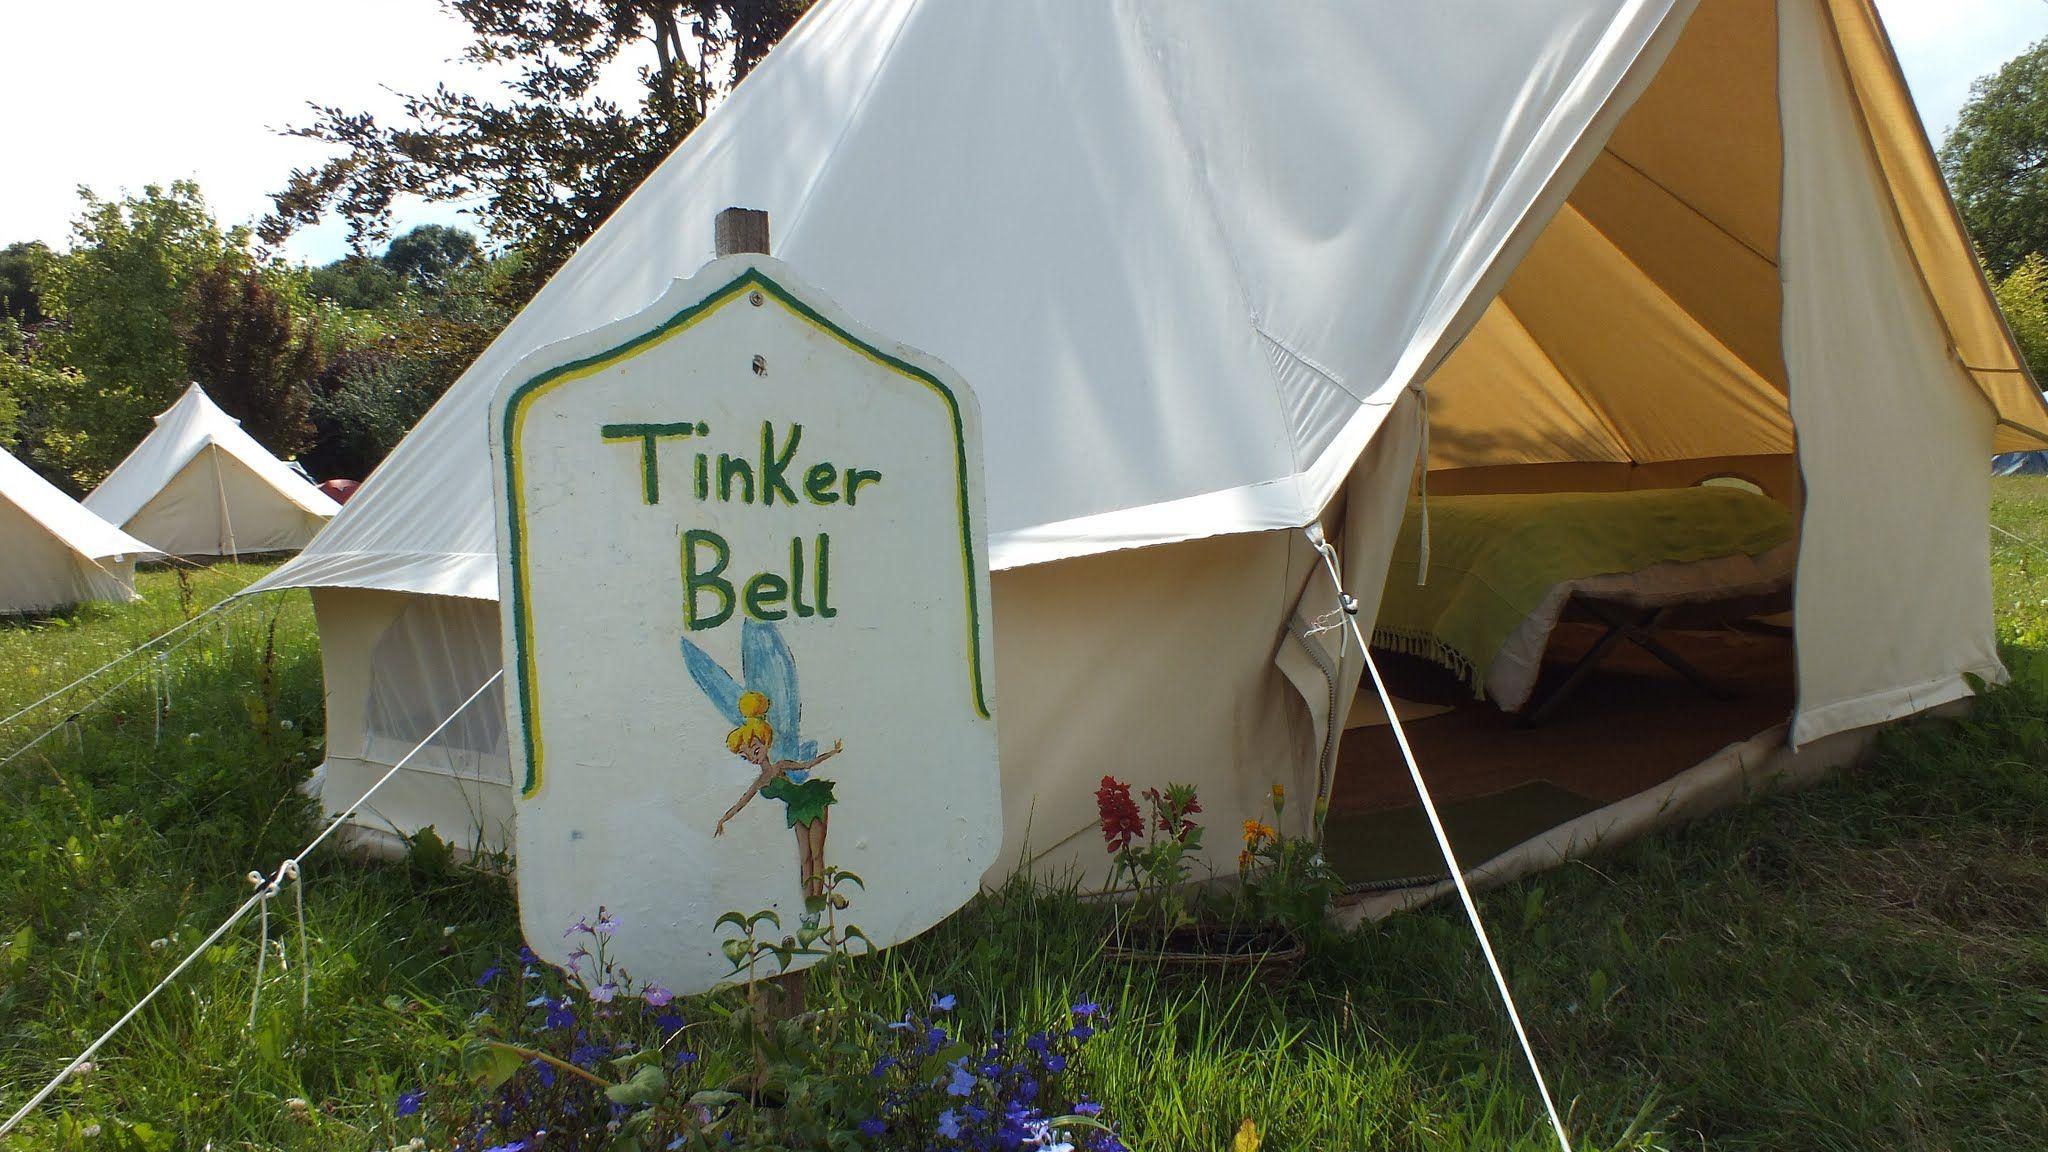 Tinker Bell Tent Ac modation Pinterest